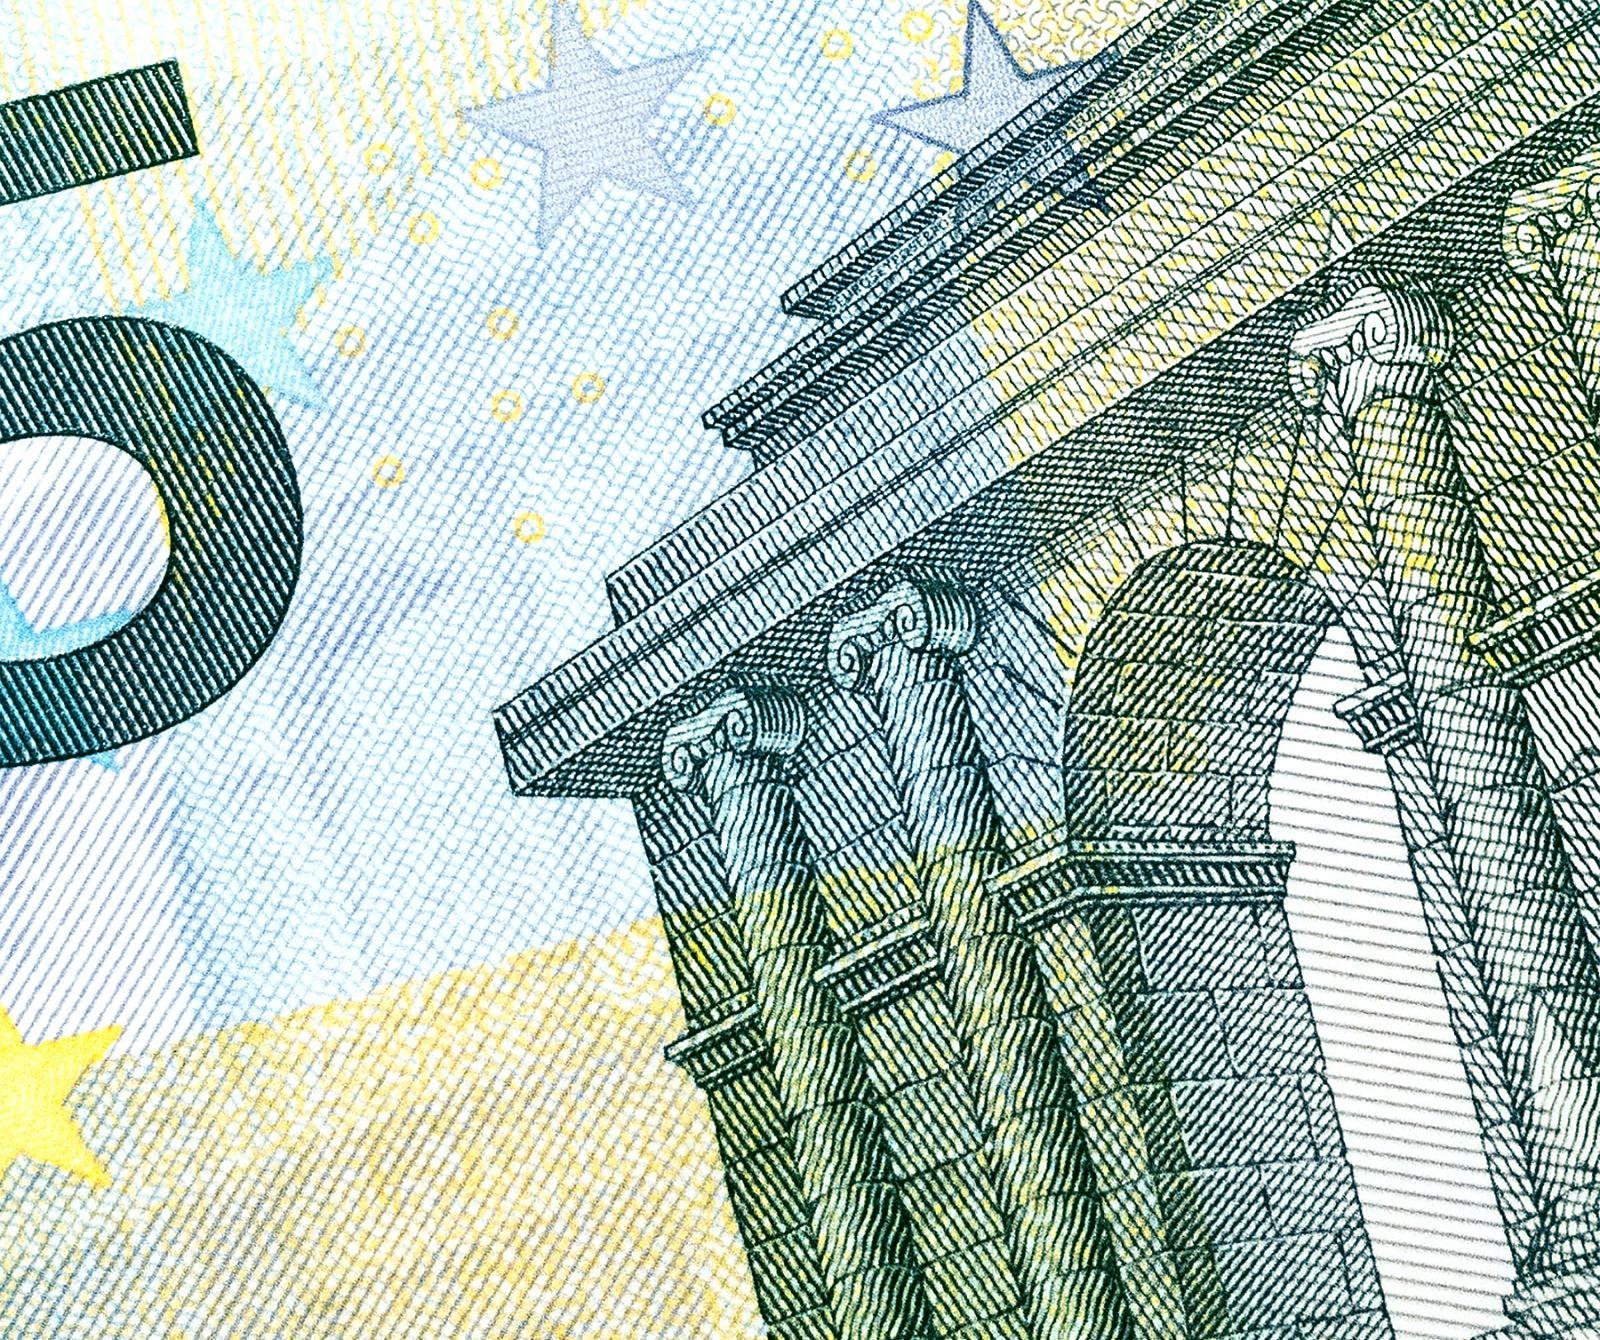 ¿Qué tiene en cuenta el banco para conceder un préstamo?